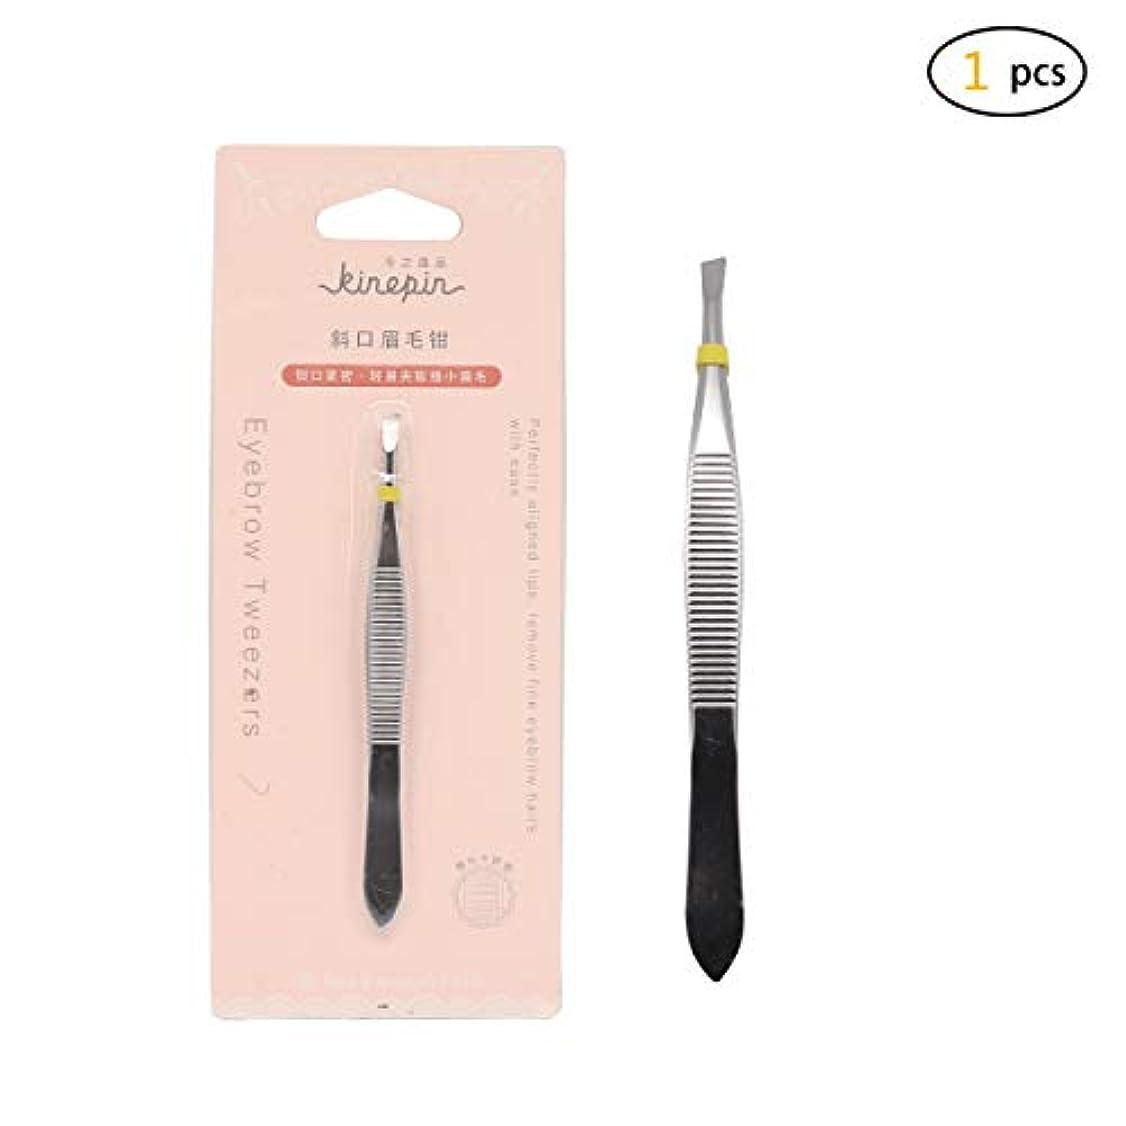 韓国語蒸発する無意識Dofashピンセット1pcsステンレススチールの斜めの先端と尖った眉毛ピンセットセットフェイシャルヘア/イングレイトヘア、スプリンター、にきび、ダニリムーバーに最適な精度(シルバー)